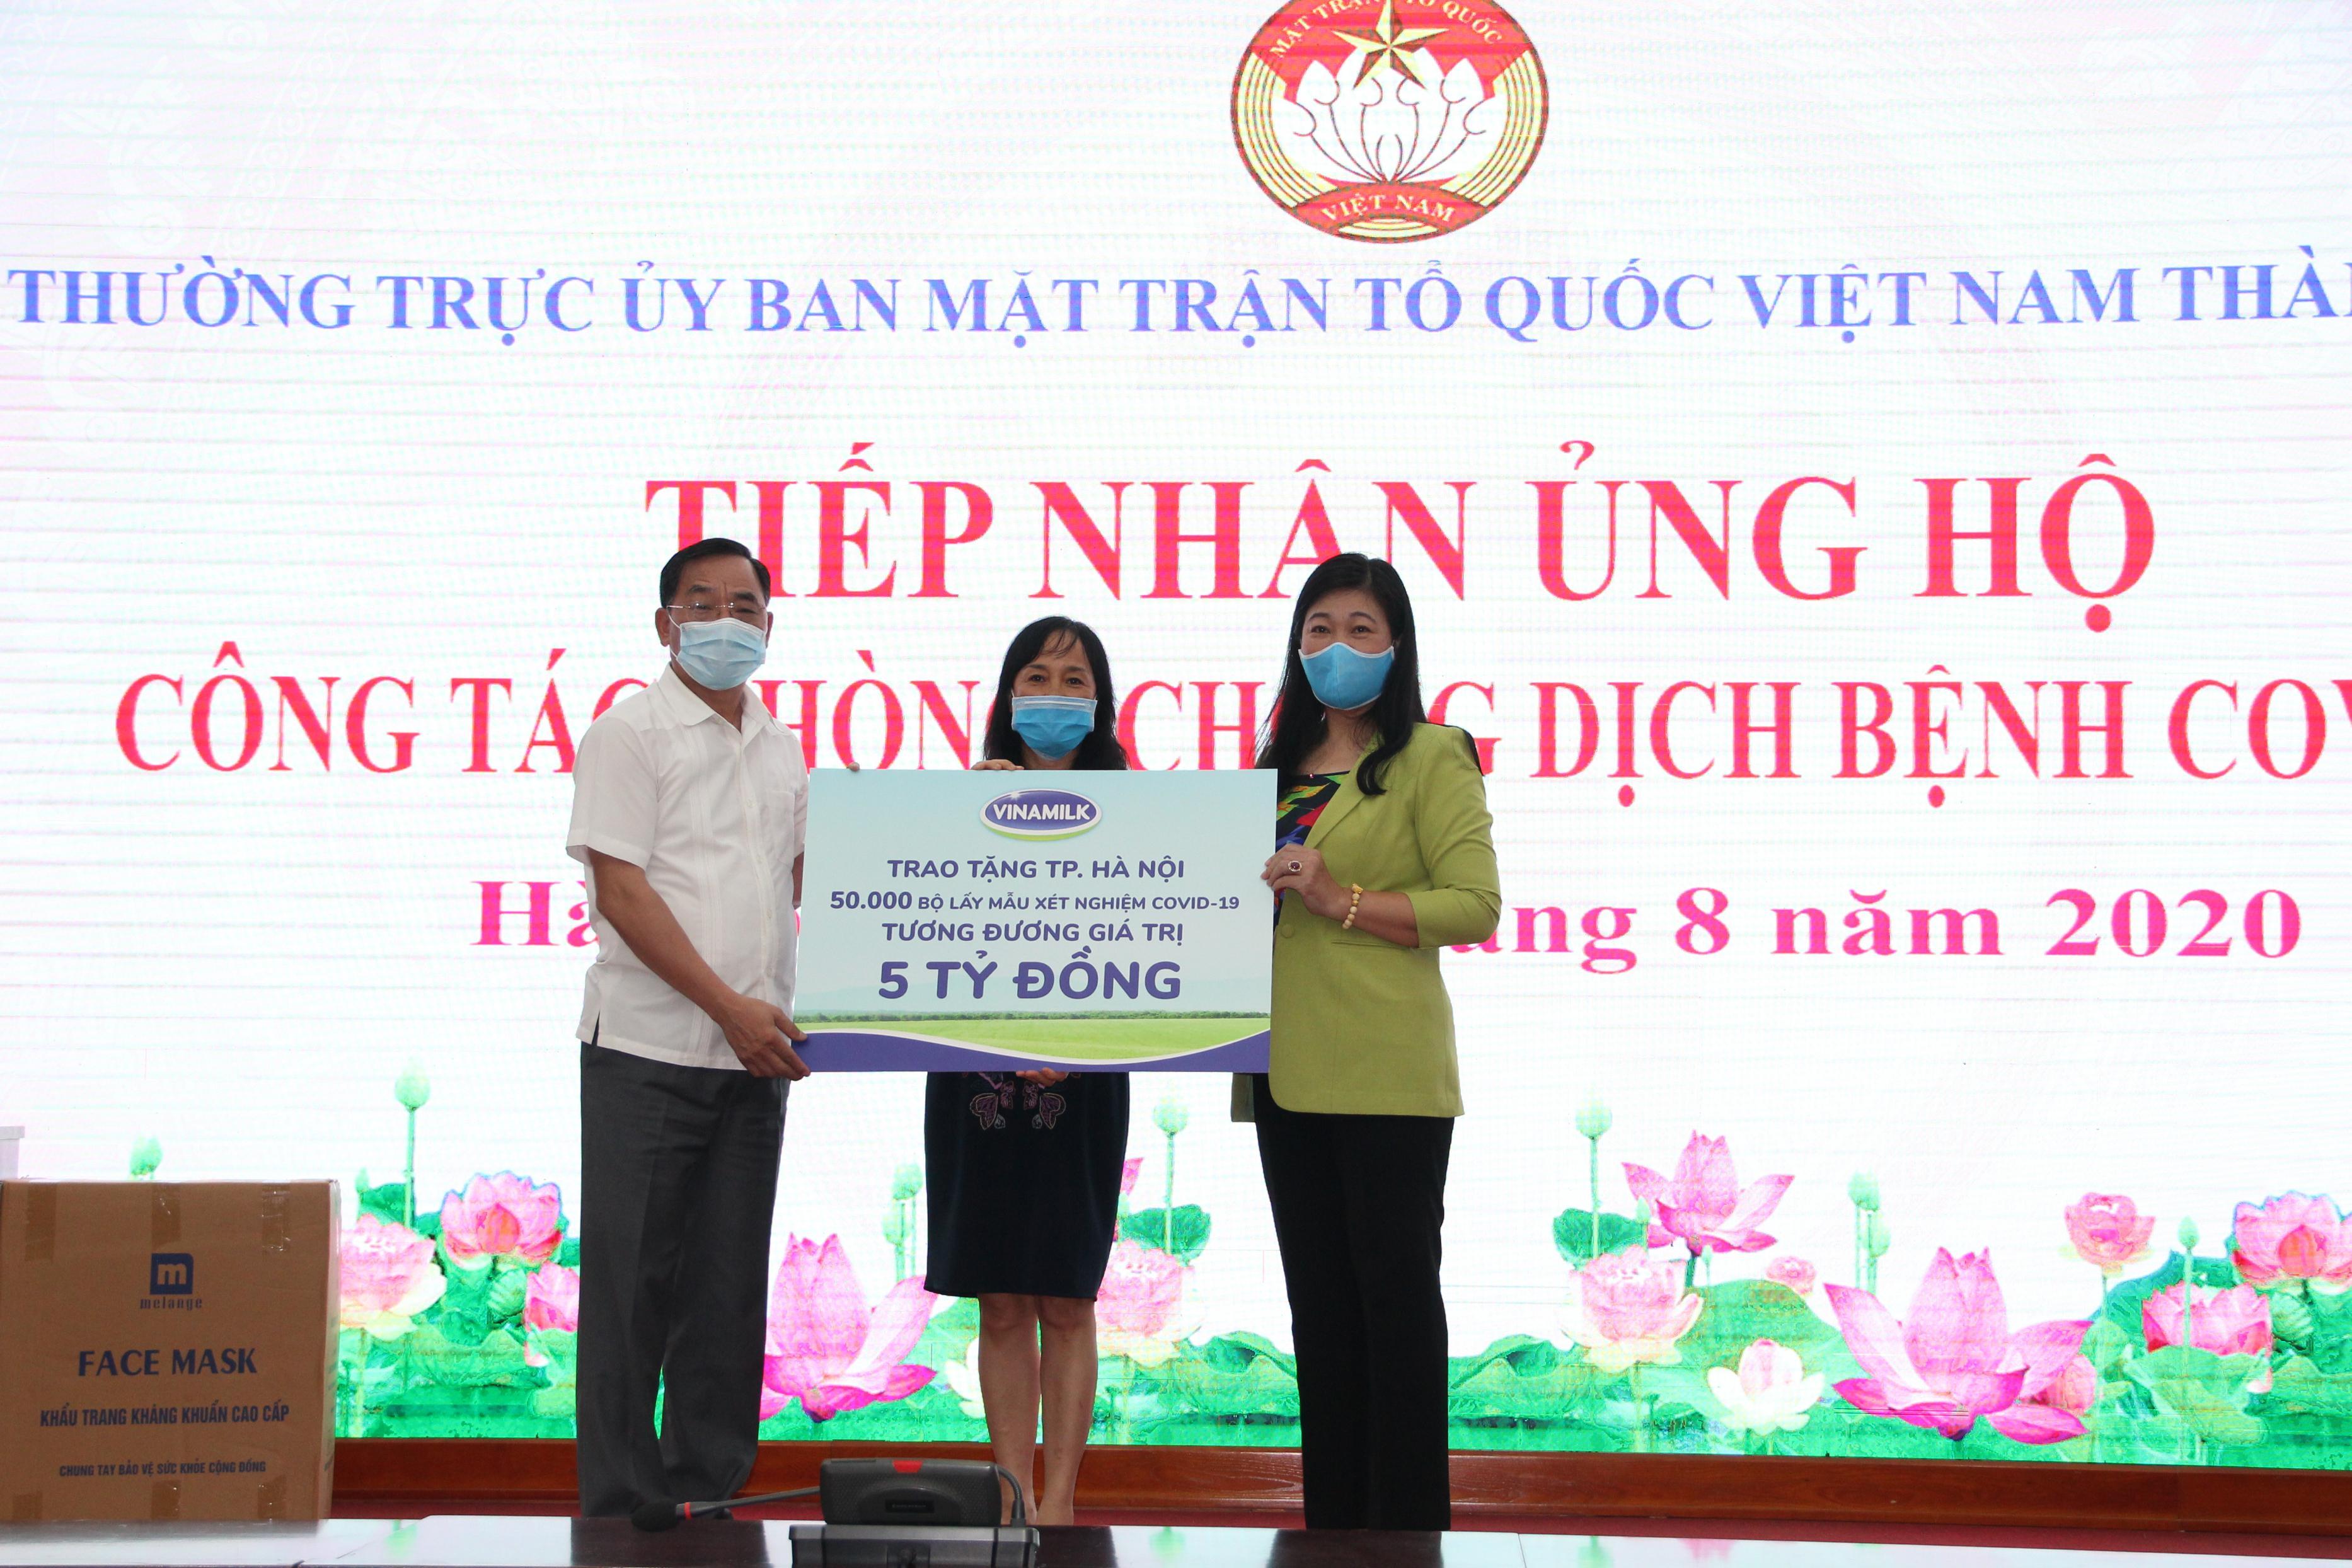 Hà Nội tiếp nhận 50 nghìn bộ lấy mẫu xét nghiệm COVID-19